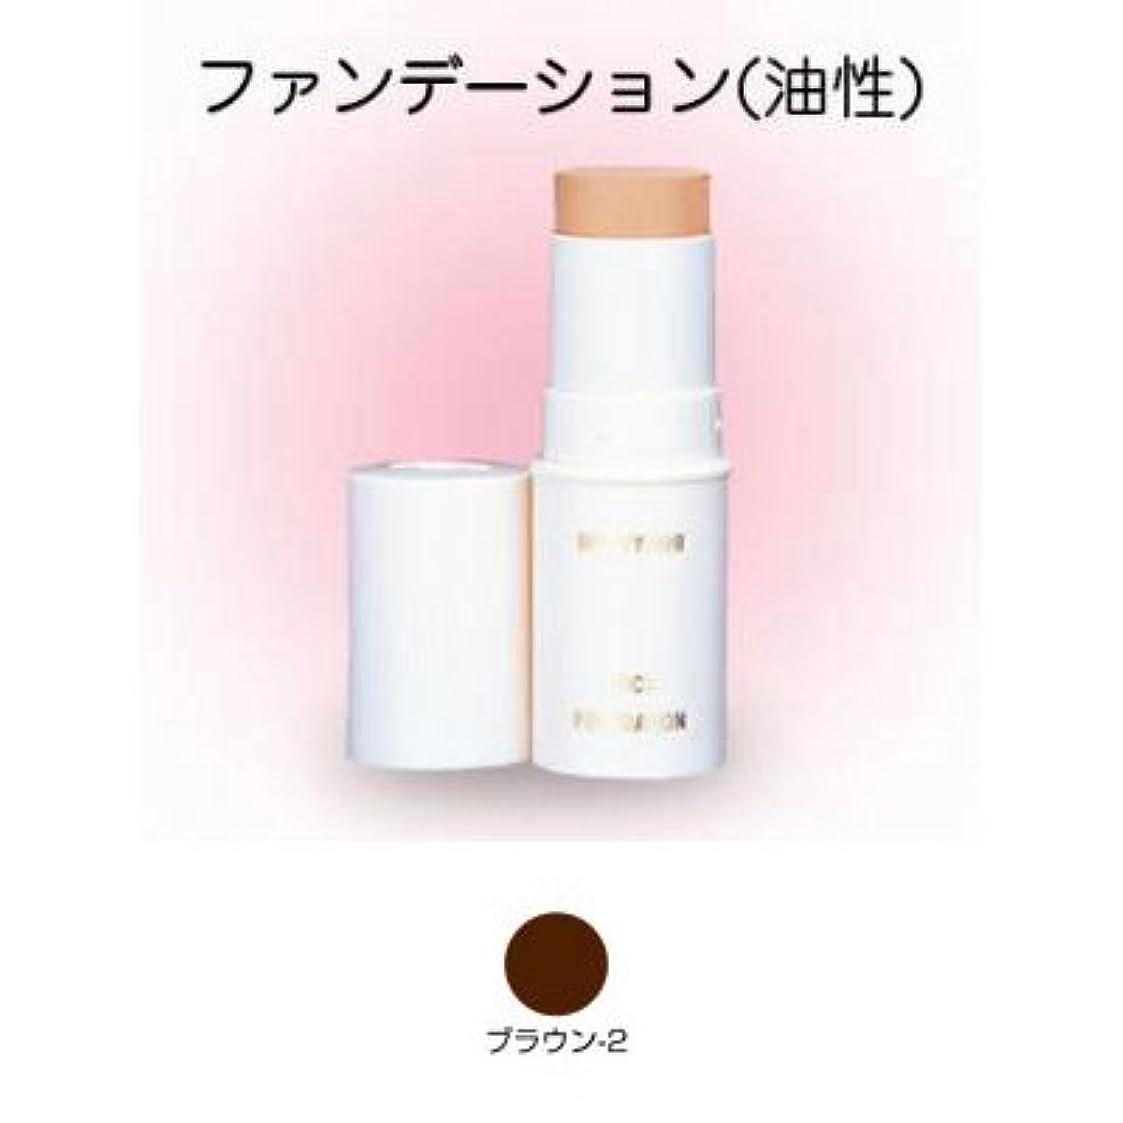 ラジエーター不合格申込みスティックファンデーション 16g ブラウン-2 【三善】